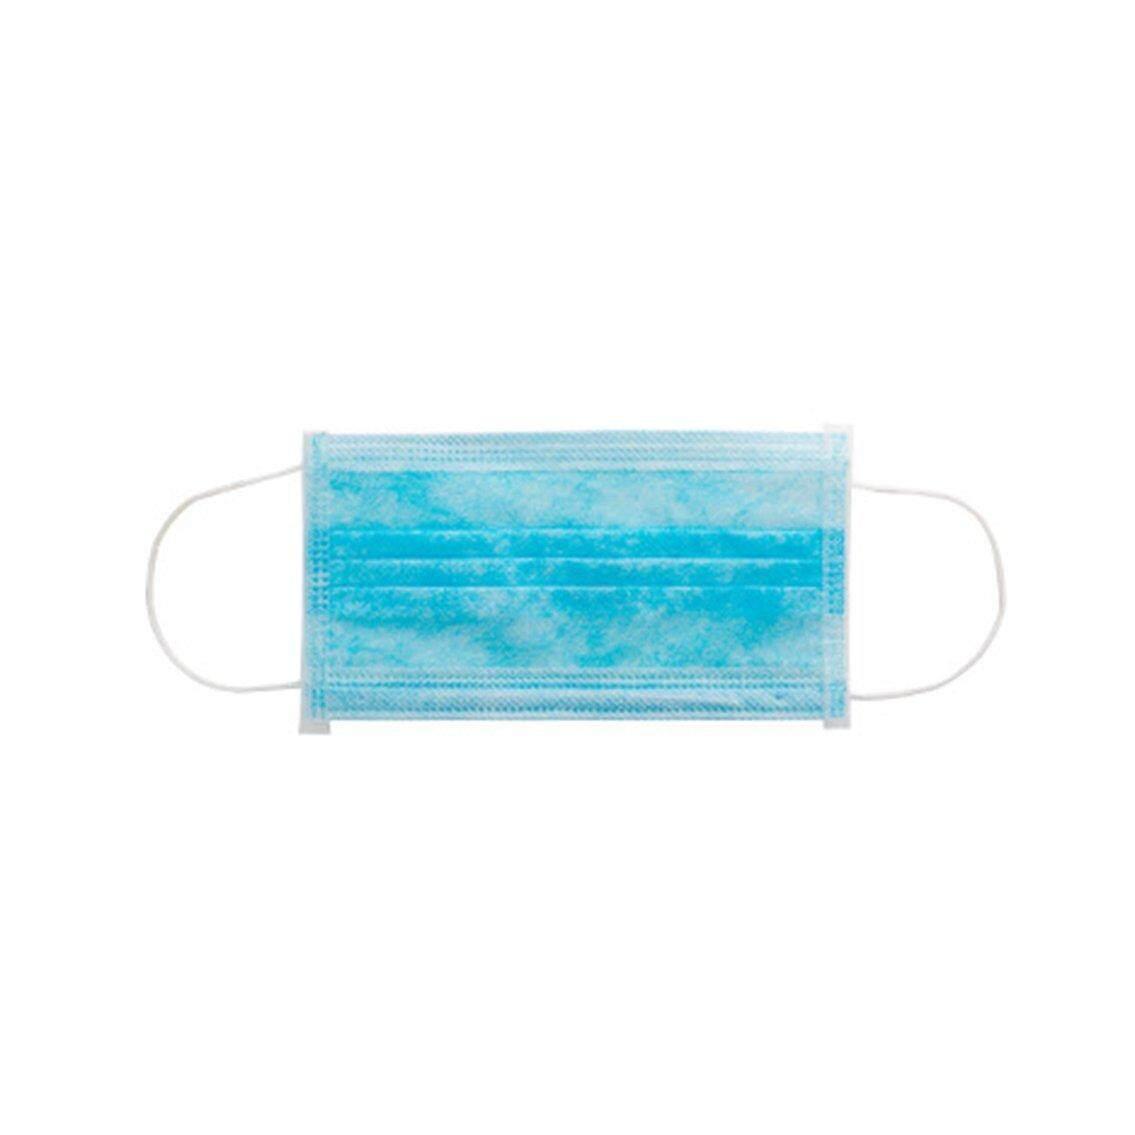 แปรงสีฟันไฟฟ้า ช่วยดูแลสุขภาพช่องปาก นครนายก DOIT ไม่ทอผ้าปากแบบใช้แล้วทิ้งหน้ากากผู้ใหญ่ต่อต้านหมอกควันหน้ากากป้องกันฝุ่น